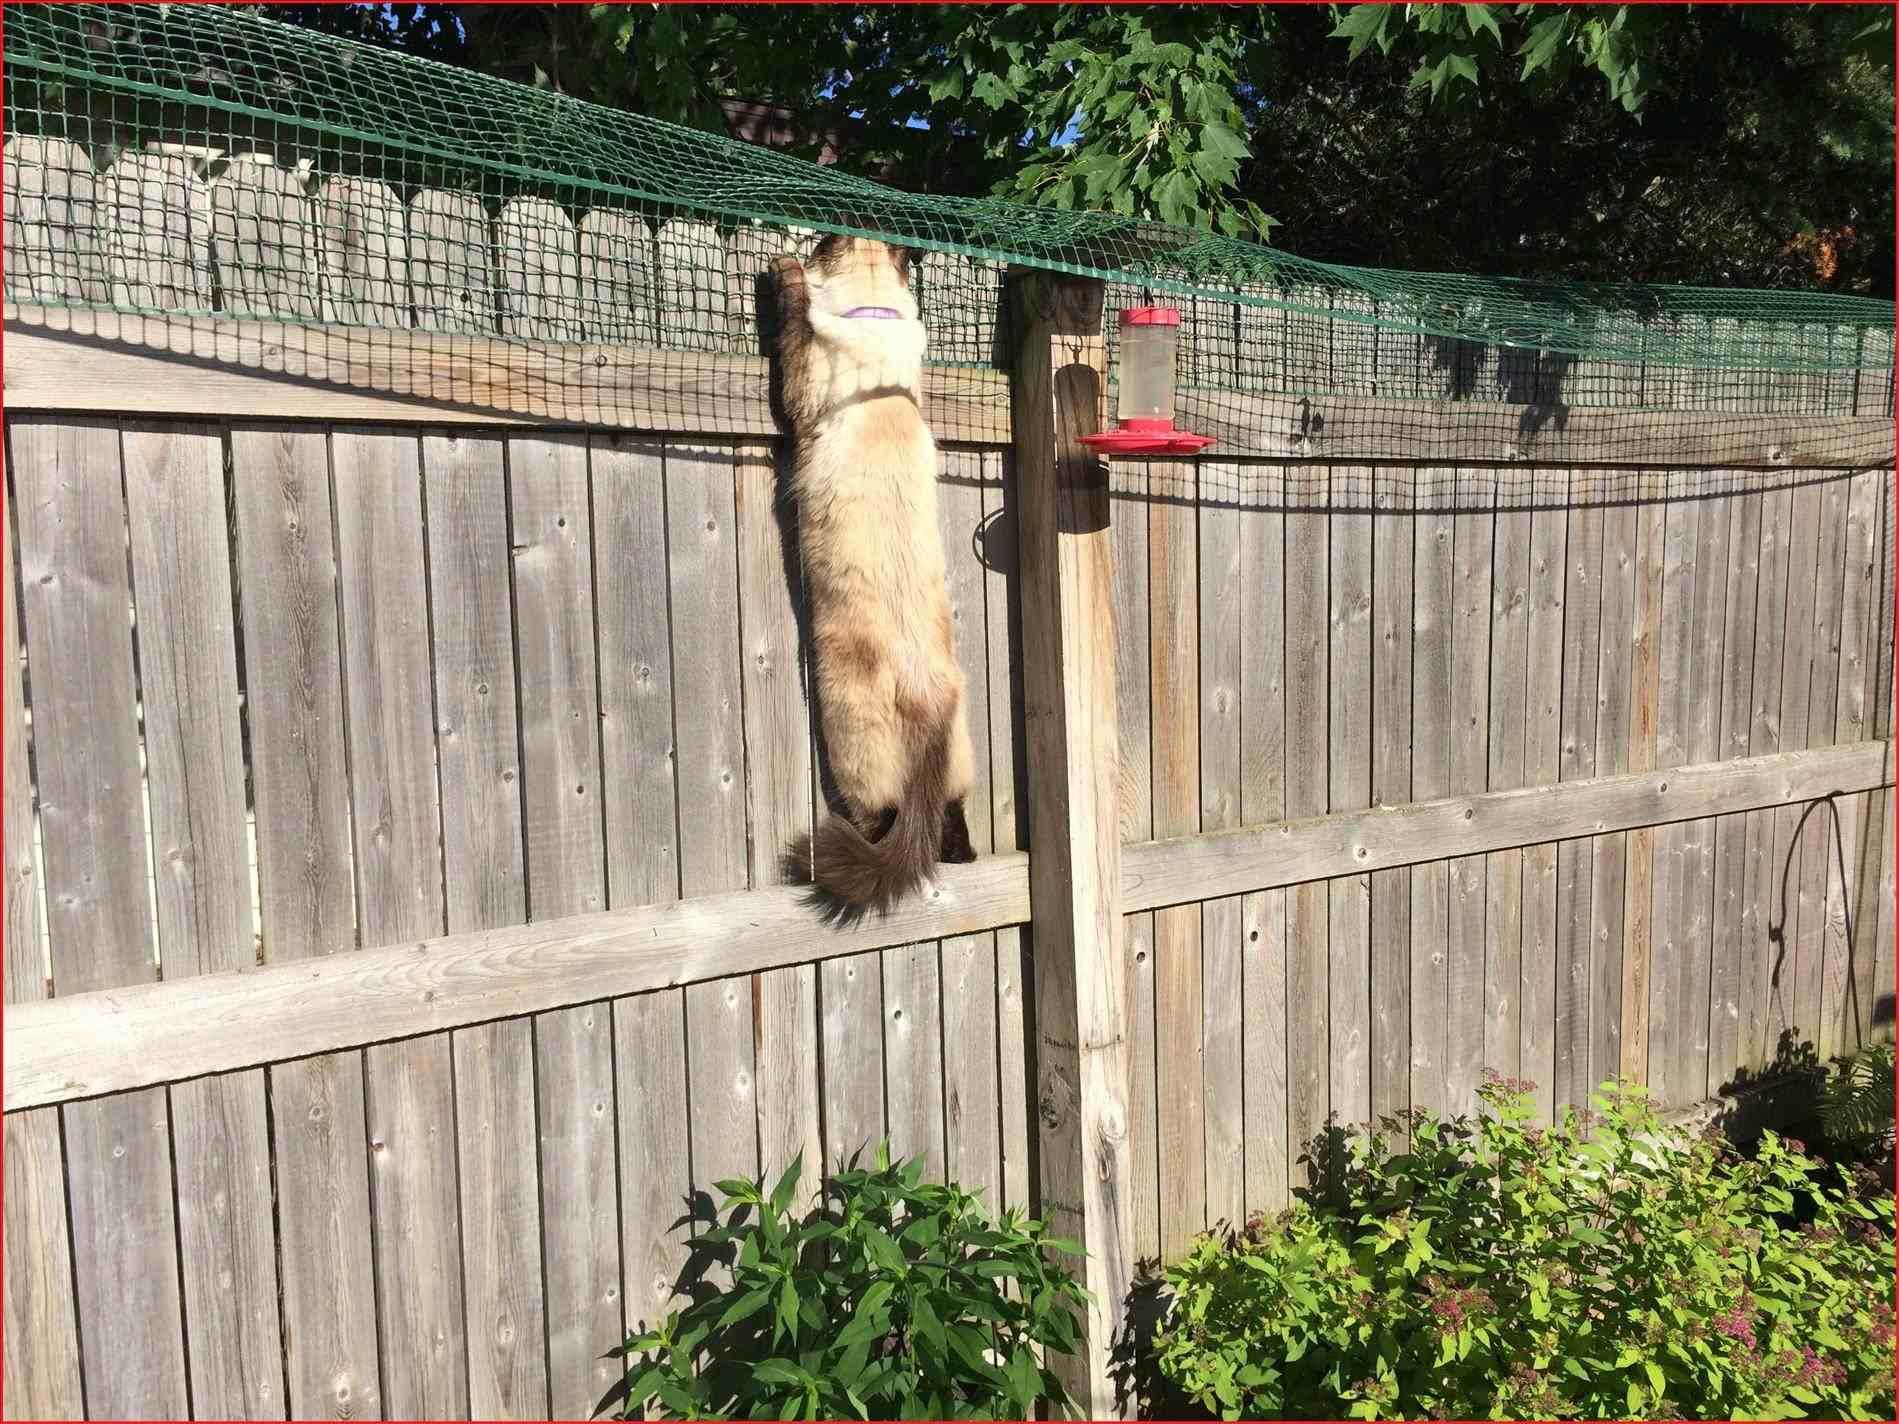 Гоним кота: как заставить котов не справлять нужду на лужайке у дома? - 1